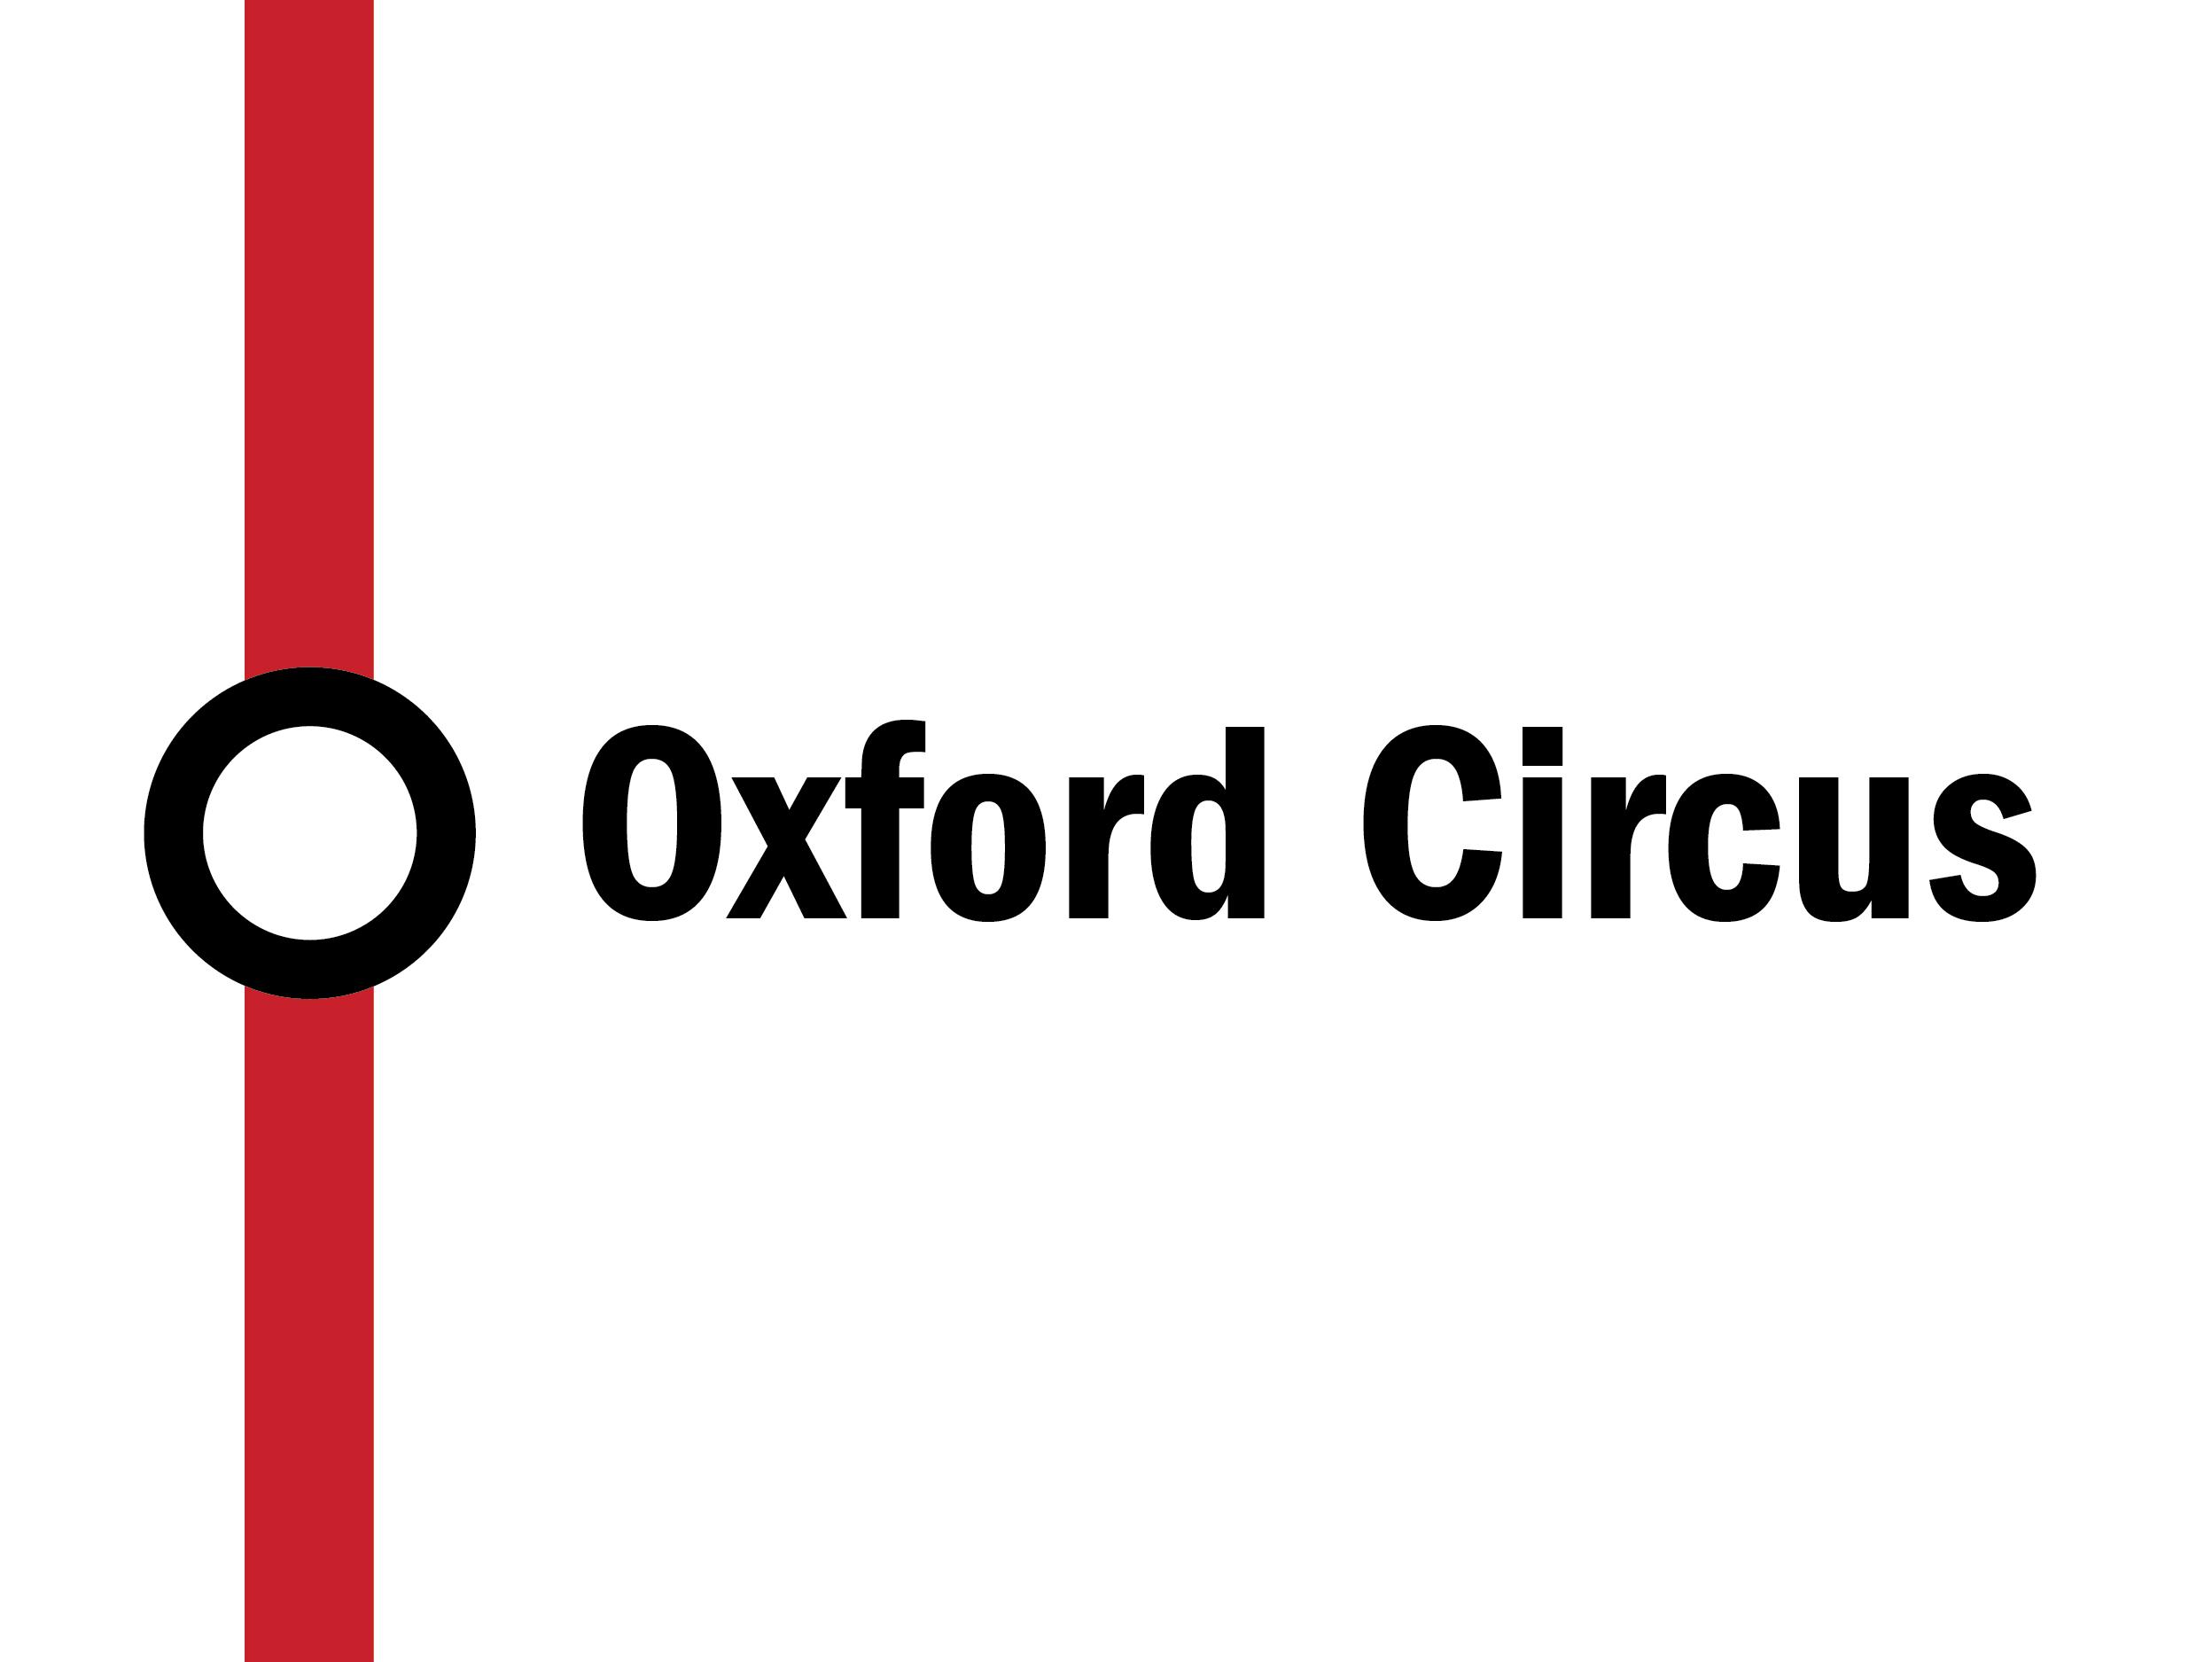 Night tube: Oxford Circus